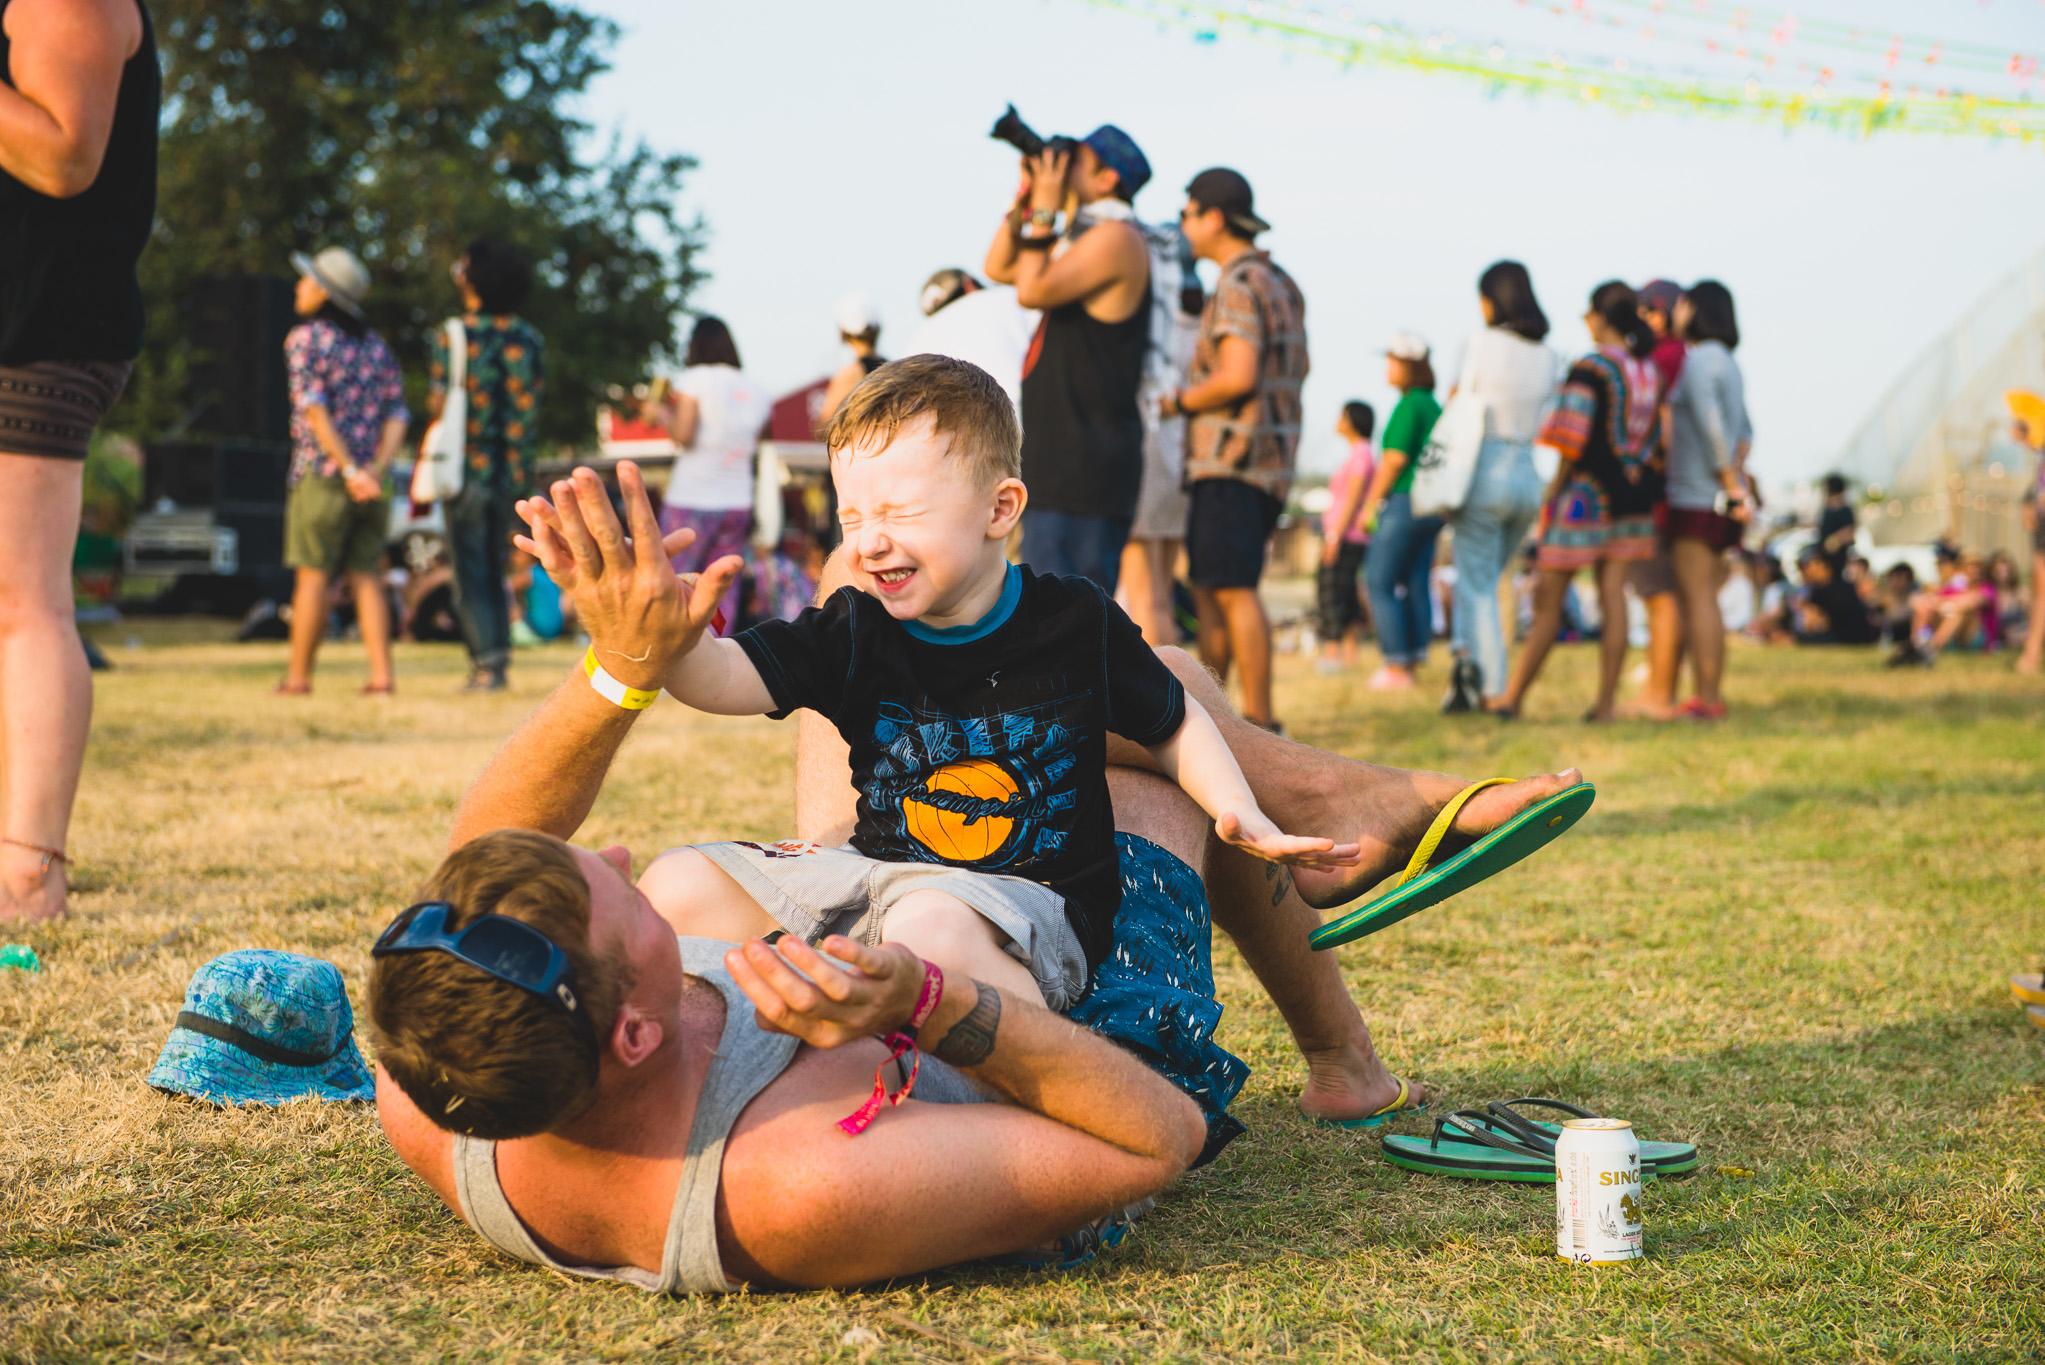 แนะนำ Wonderfruit Festival ไลฟ์สไตล์เฟสติวัลที่ไม่เหมือนใคร!